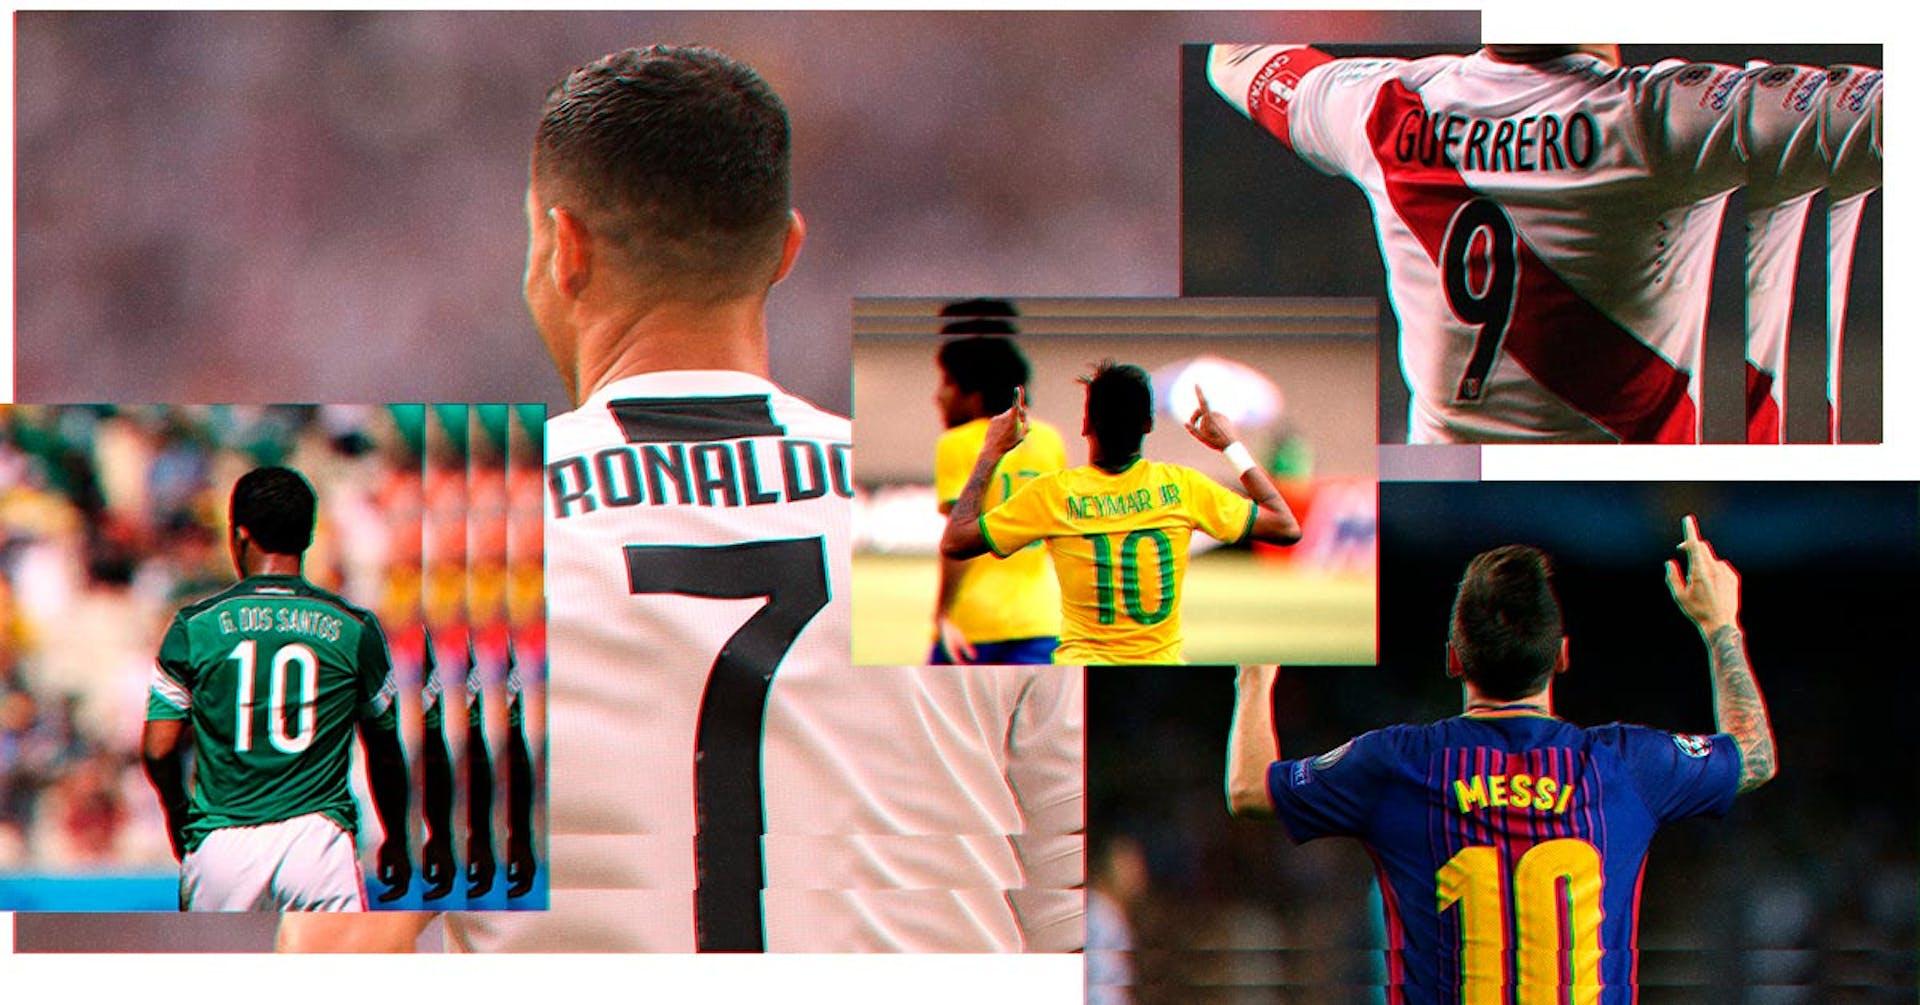 ¿Qué tipografía usa la playera de Messi y otros equipos de fútbol?